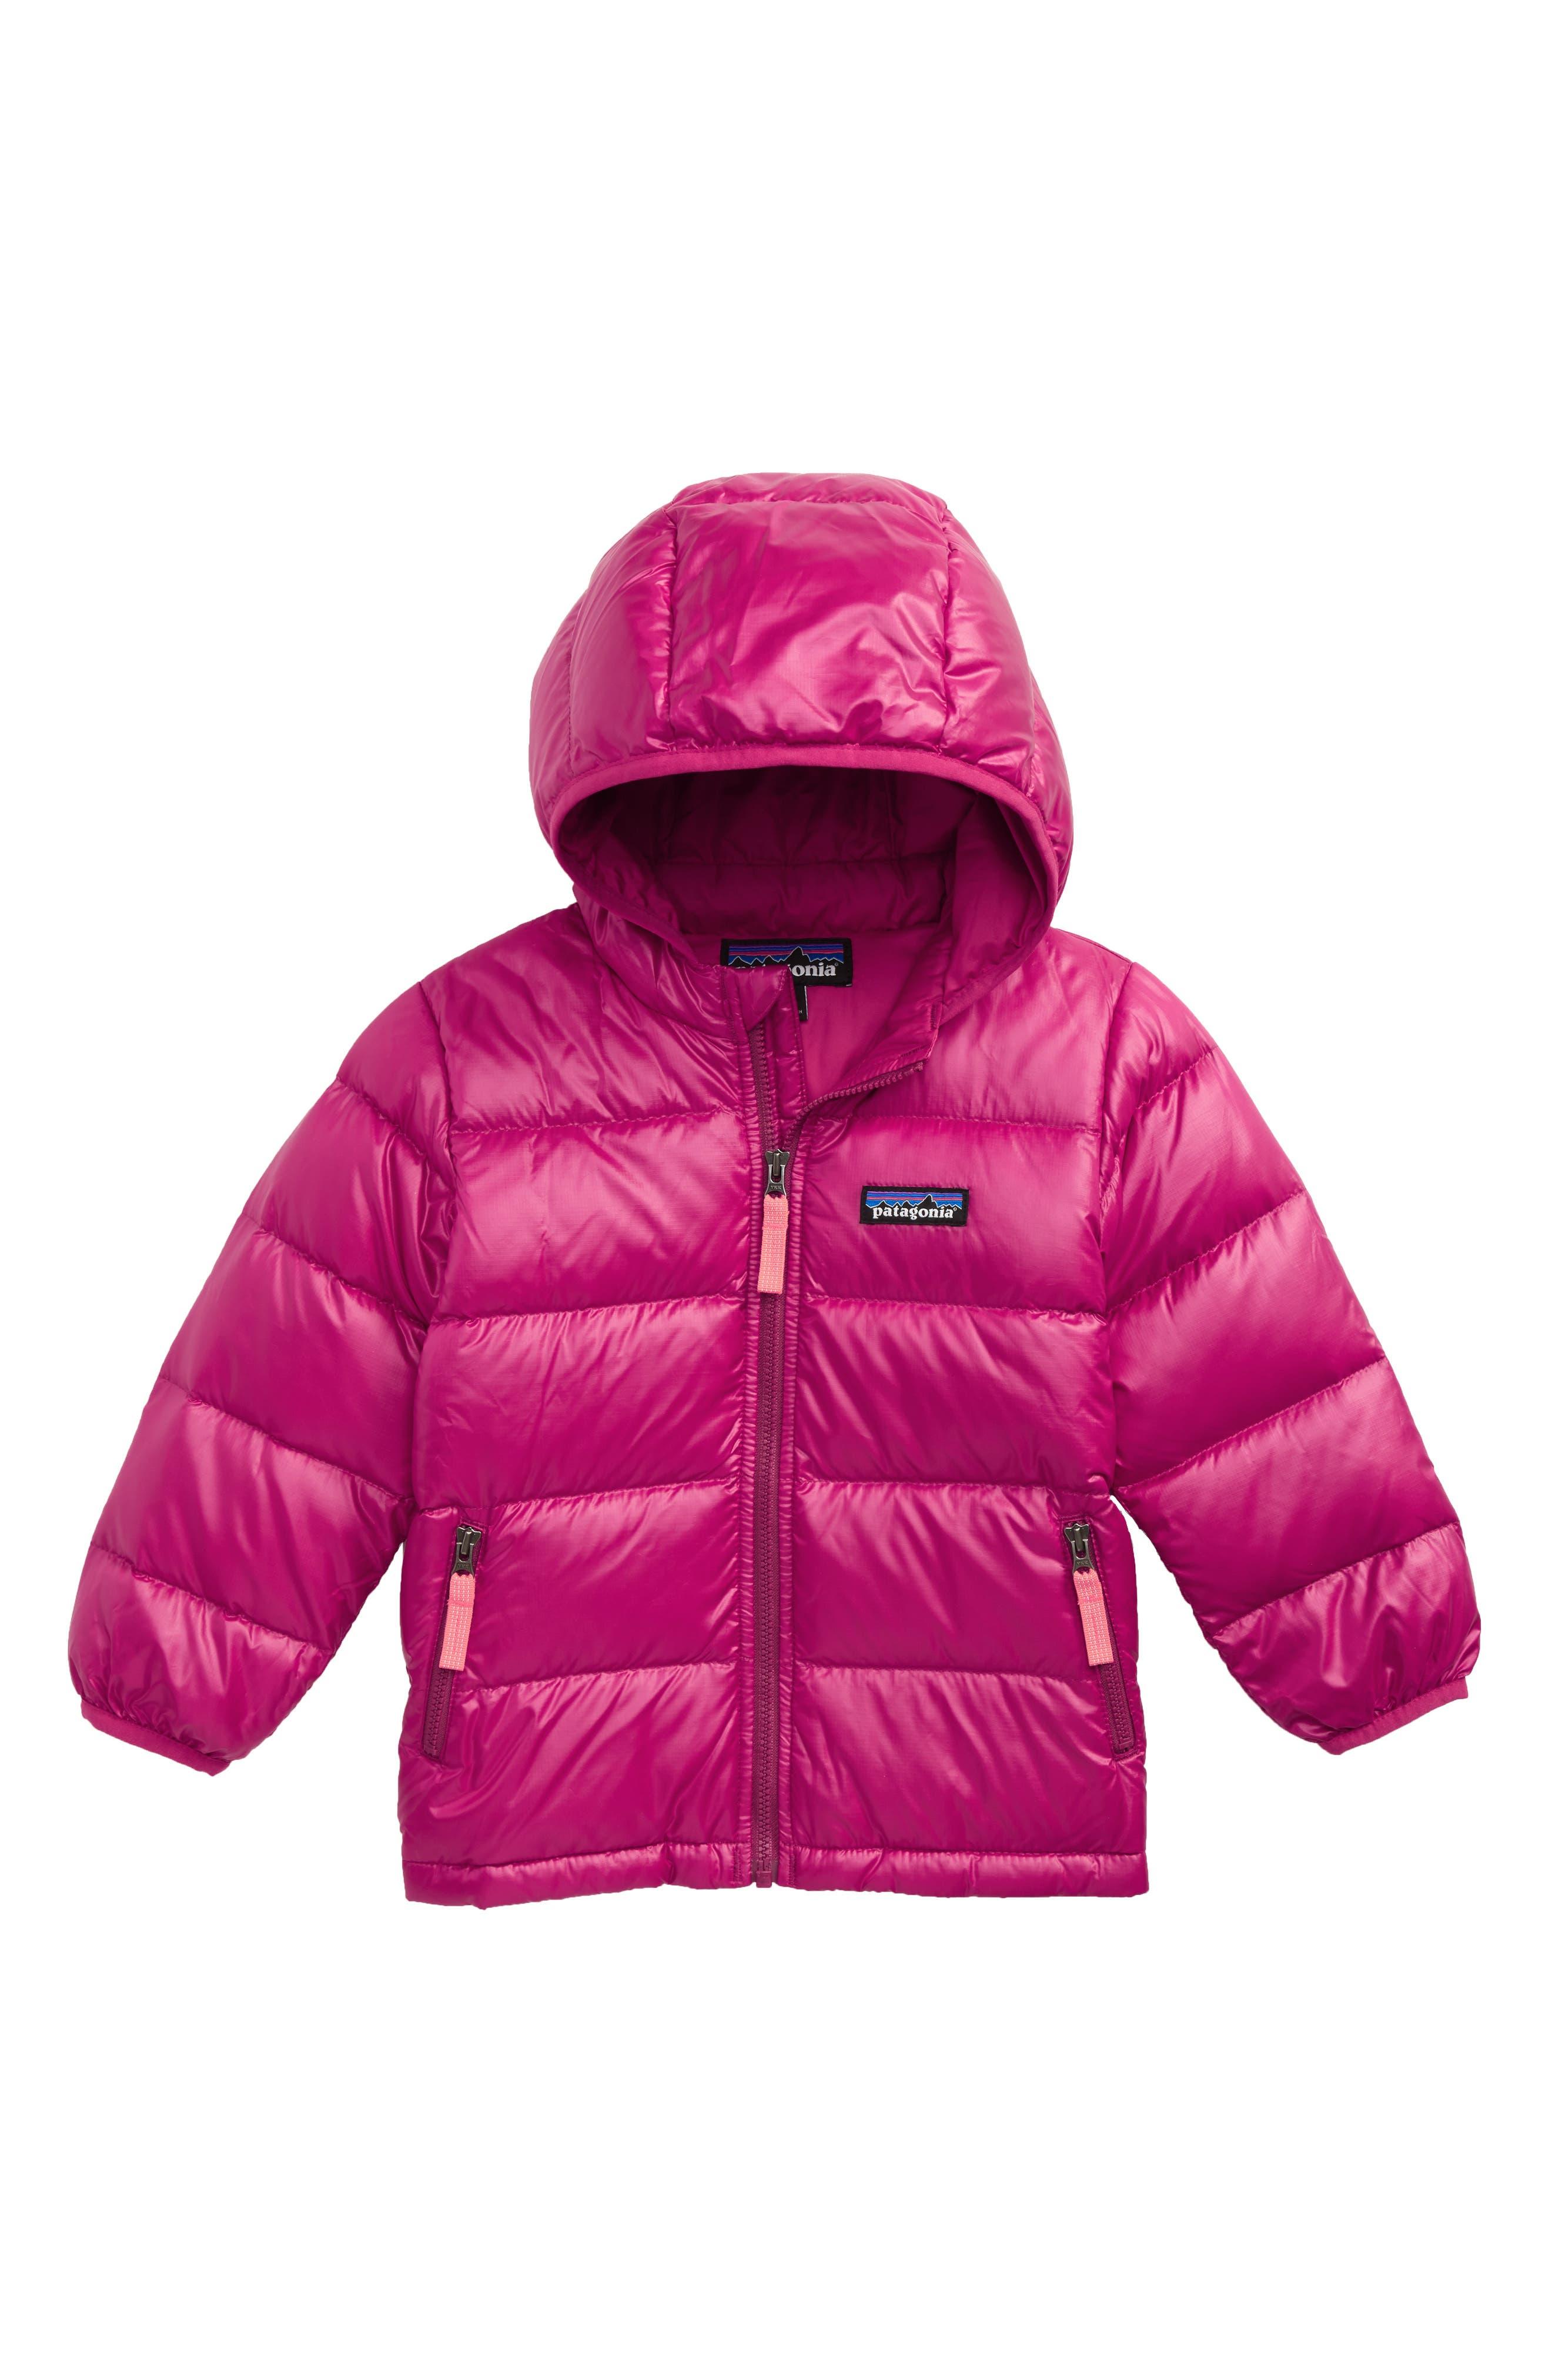 Patagonia Down Jacket (Toddler Girls)